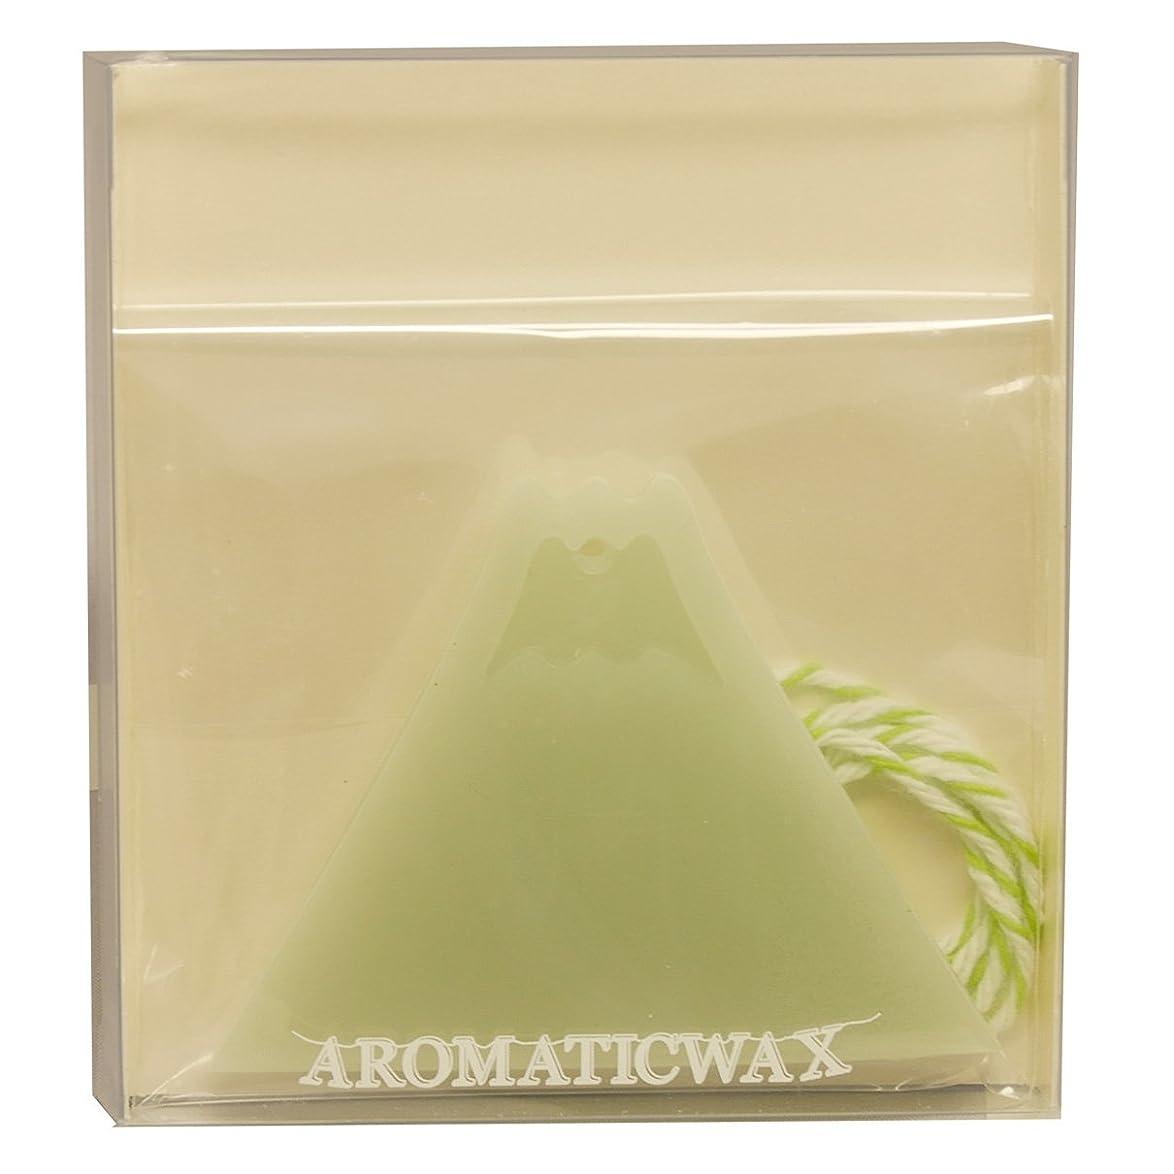 オーストラリア人保安にはまってGRASSE TOKYO AROMATICWAXチャーム「富士山」(GR) レモングラス アロマティックワックス グラーストウキョウ